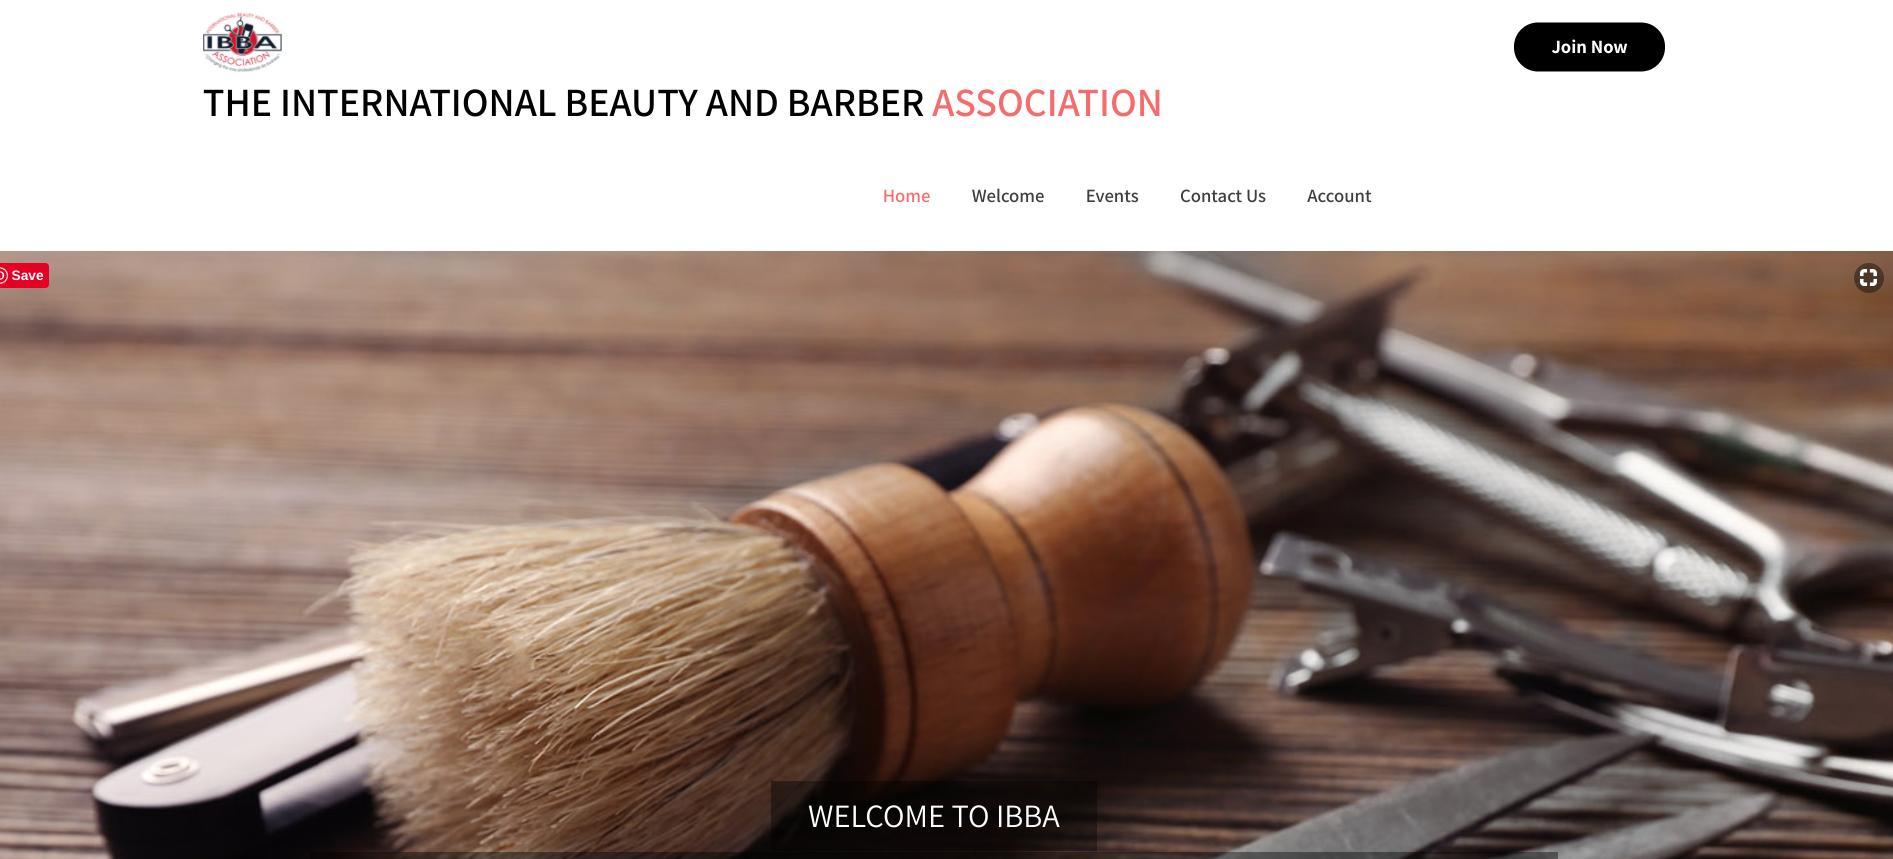 The International Beauty & Barber Association